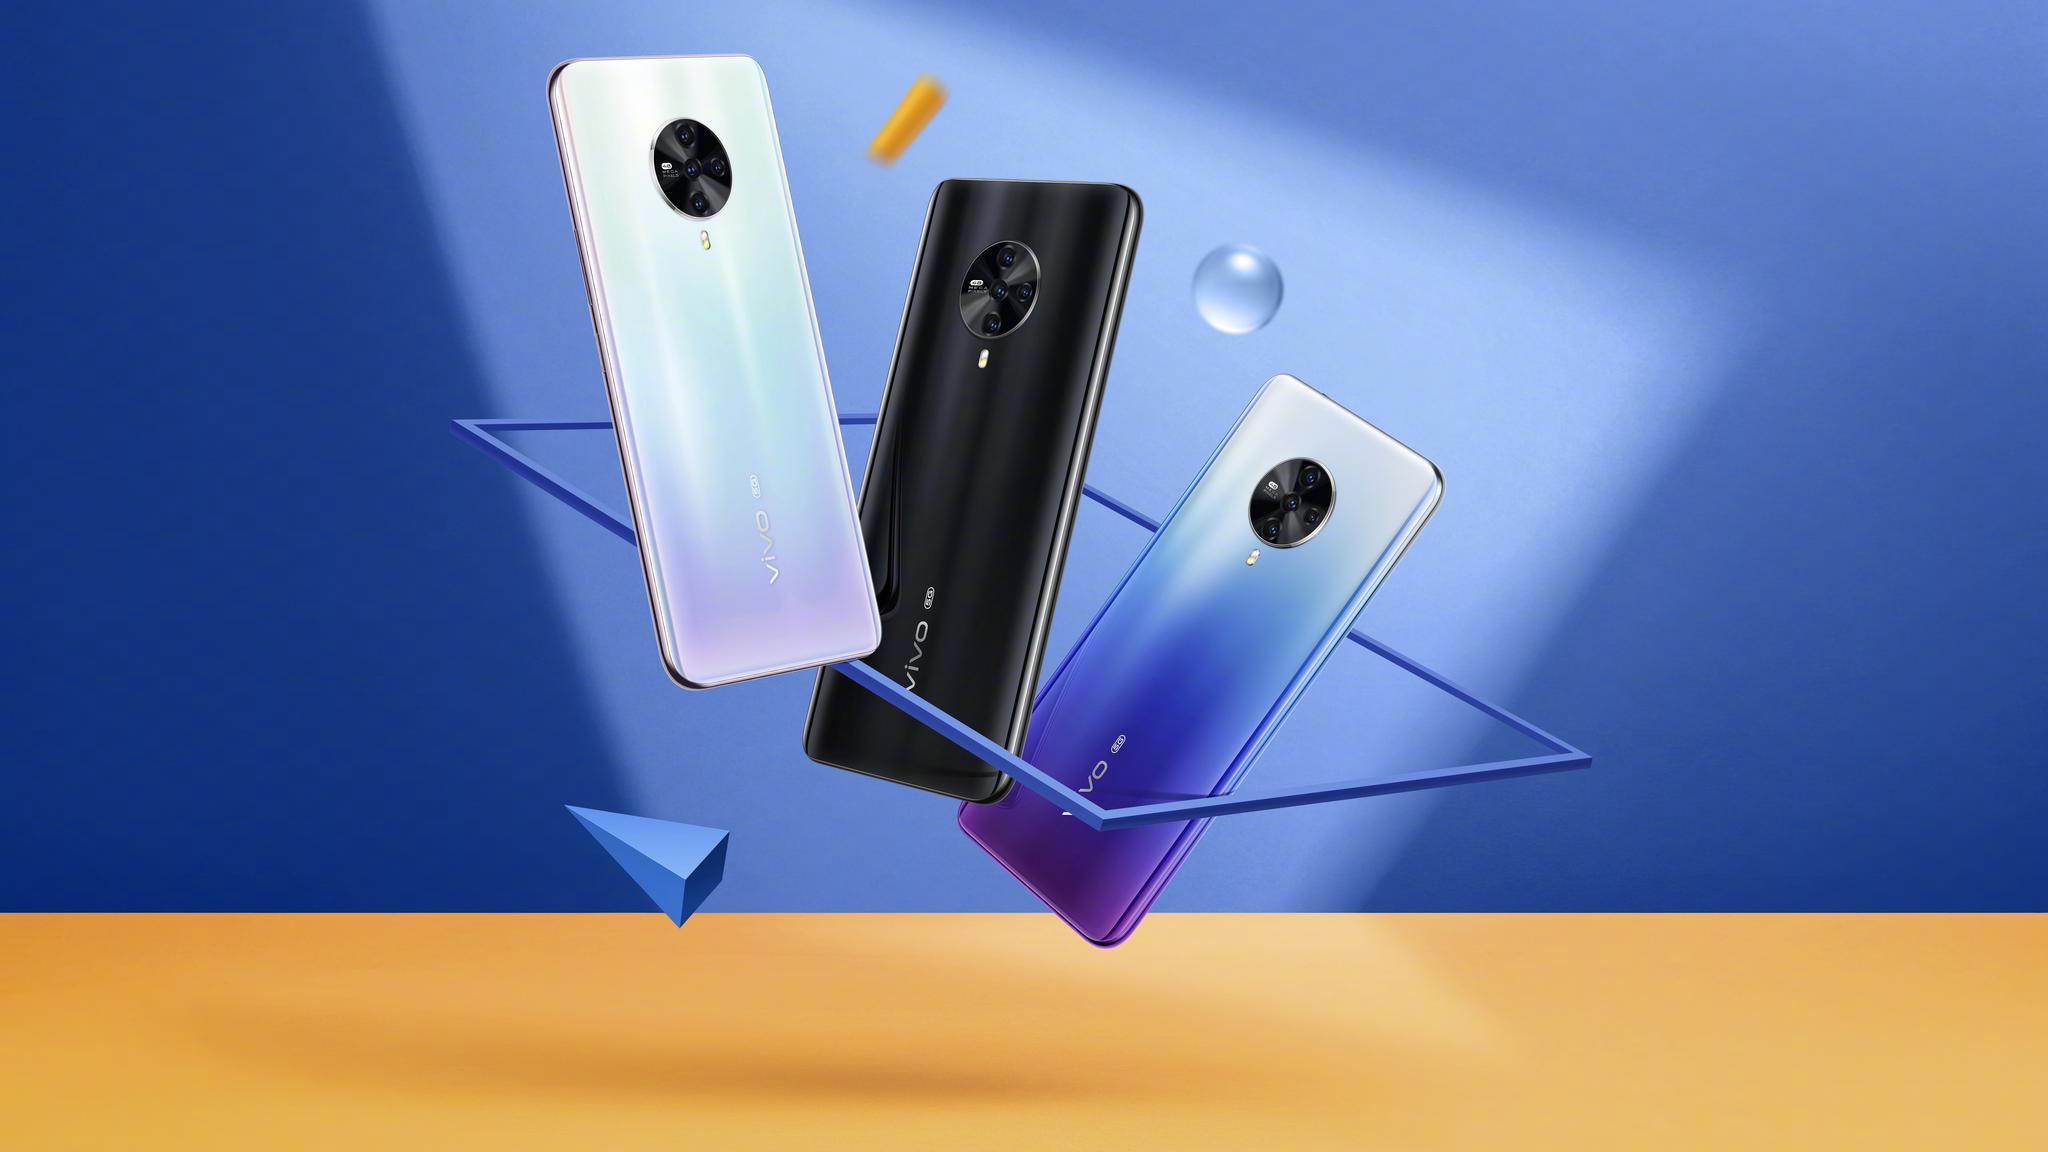 刘昊然代言的5G新品vivo S6今日开售,超清夜景自拍,轻盈机身